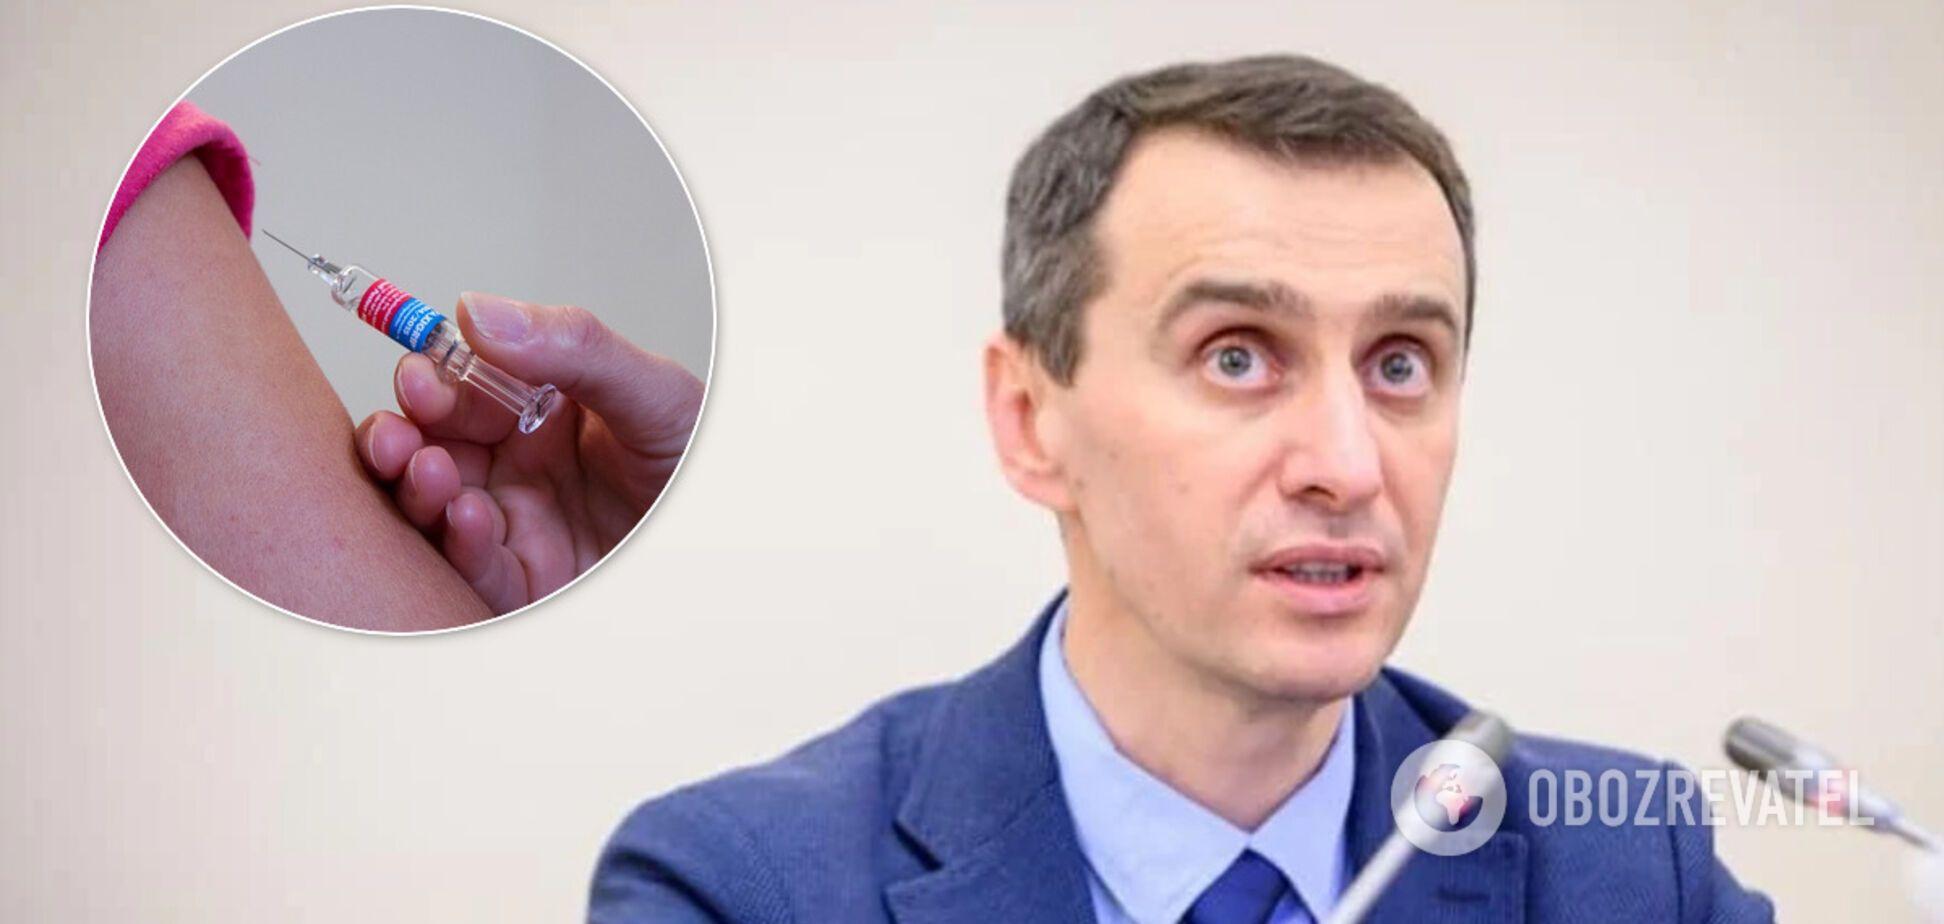 Ляшко закликав масово вакцинуватися від грипу: інакше буде проблема